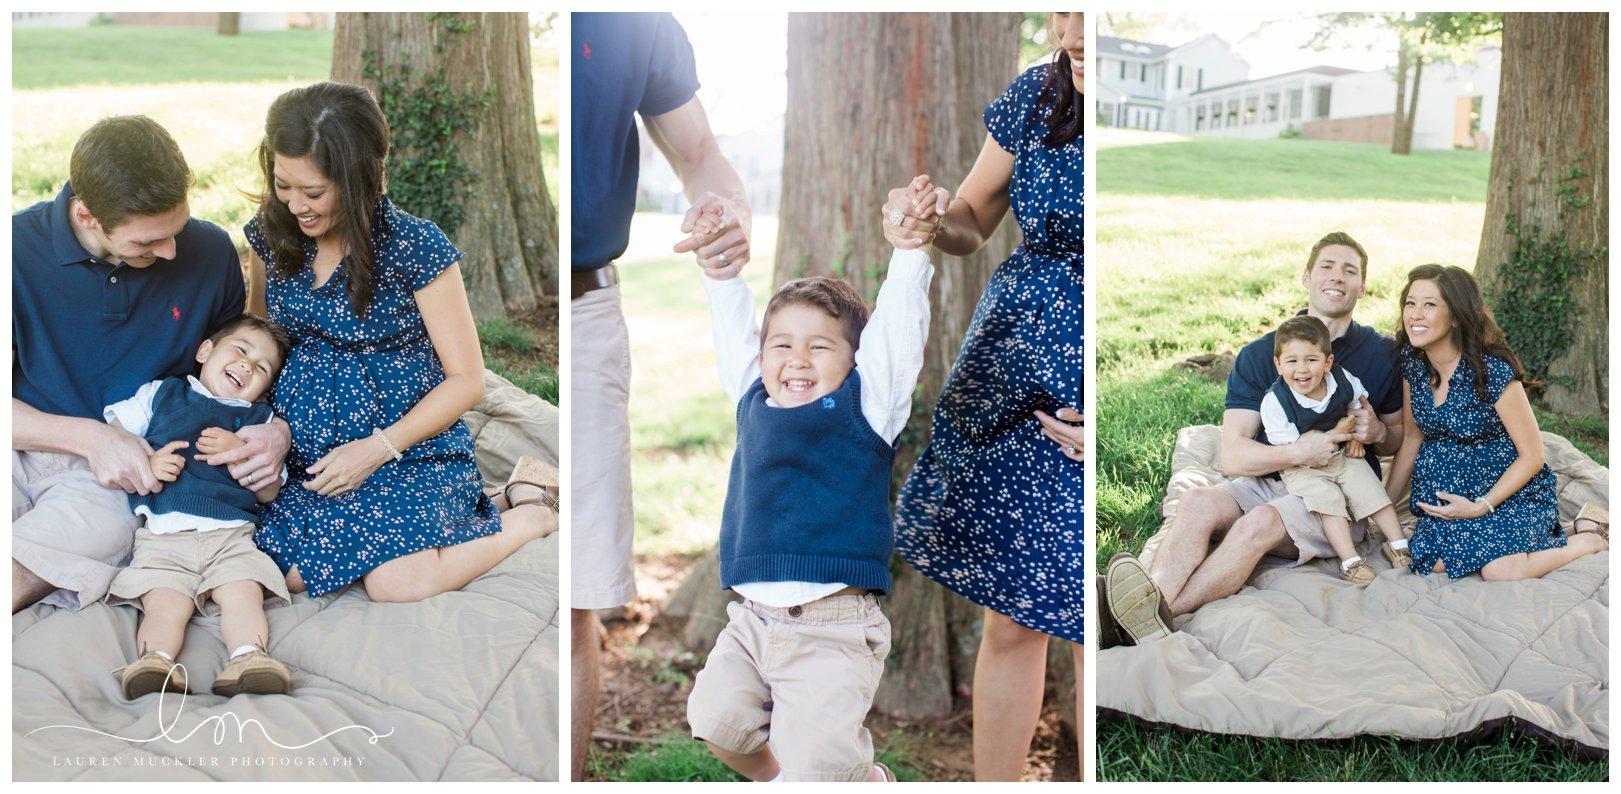 lauren muckler photography_fine art film wedding photography_st louis_photography_0176.jpg